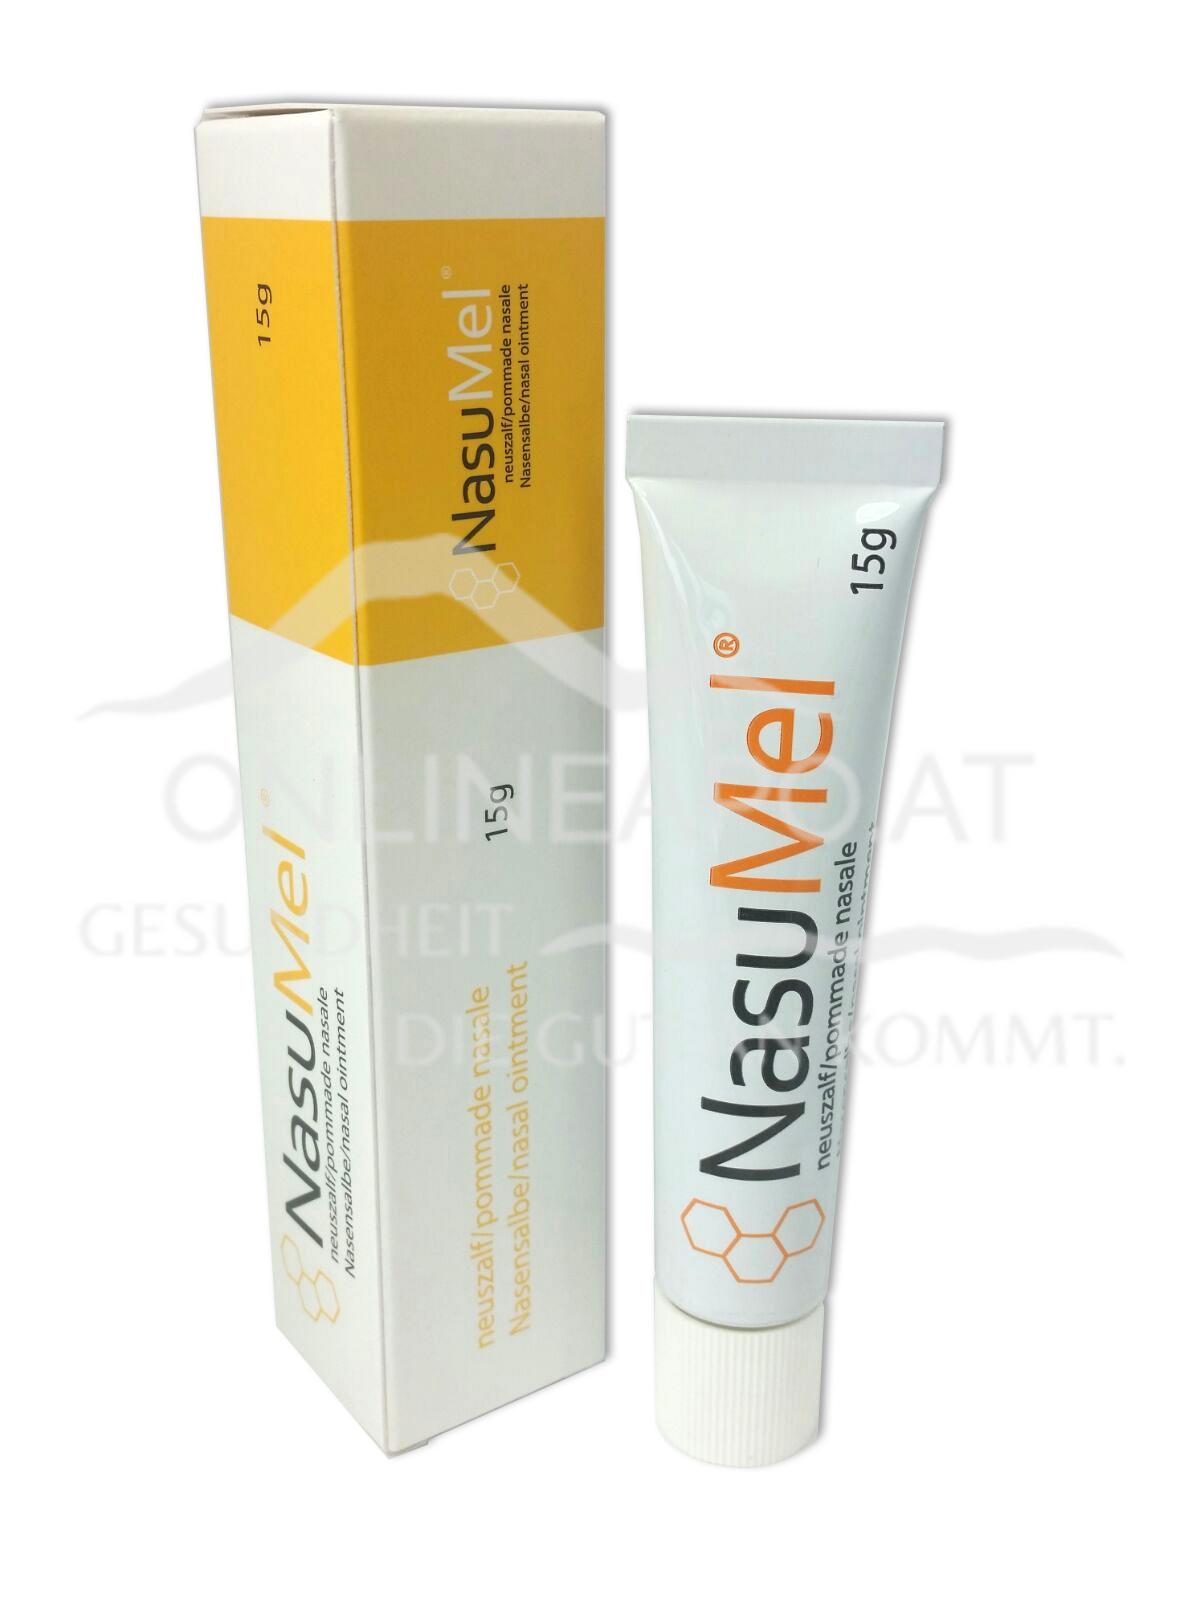 NasuMel® Nasensalbe (Medizinal-Honig zur Wundbehandlung)